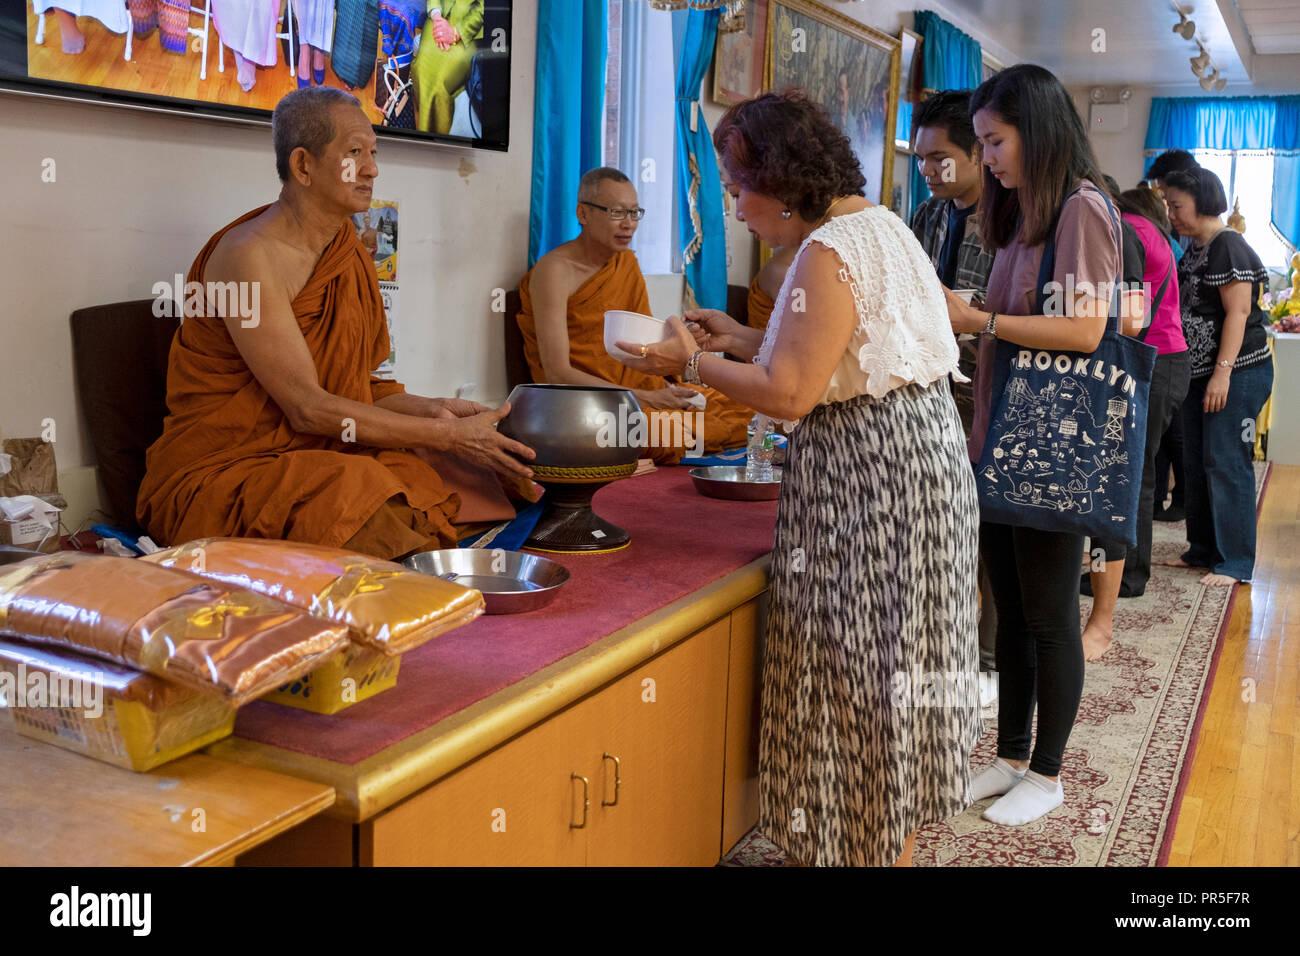 Adoradores en un templo budista participar en la tradición, donde la congregación alimentando a los monjes. En Queens, Nueva York. Imagen De Stock